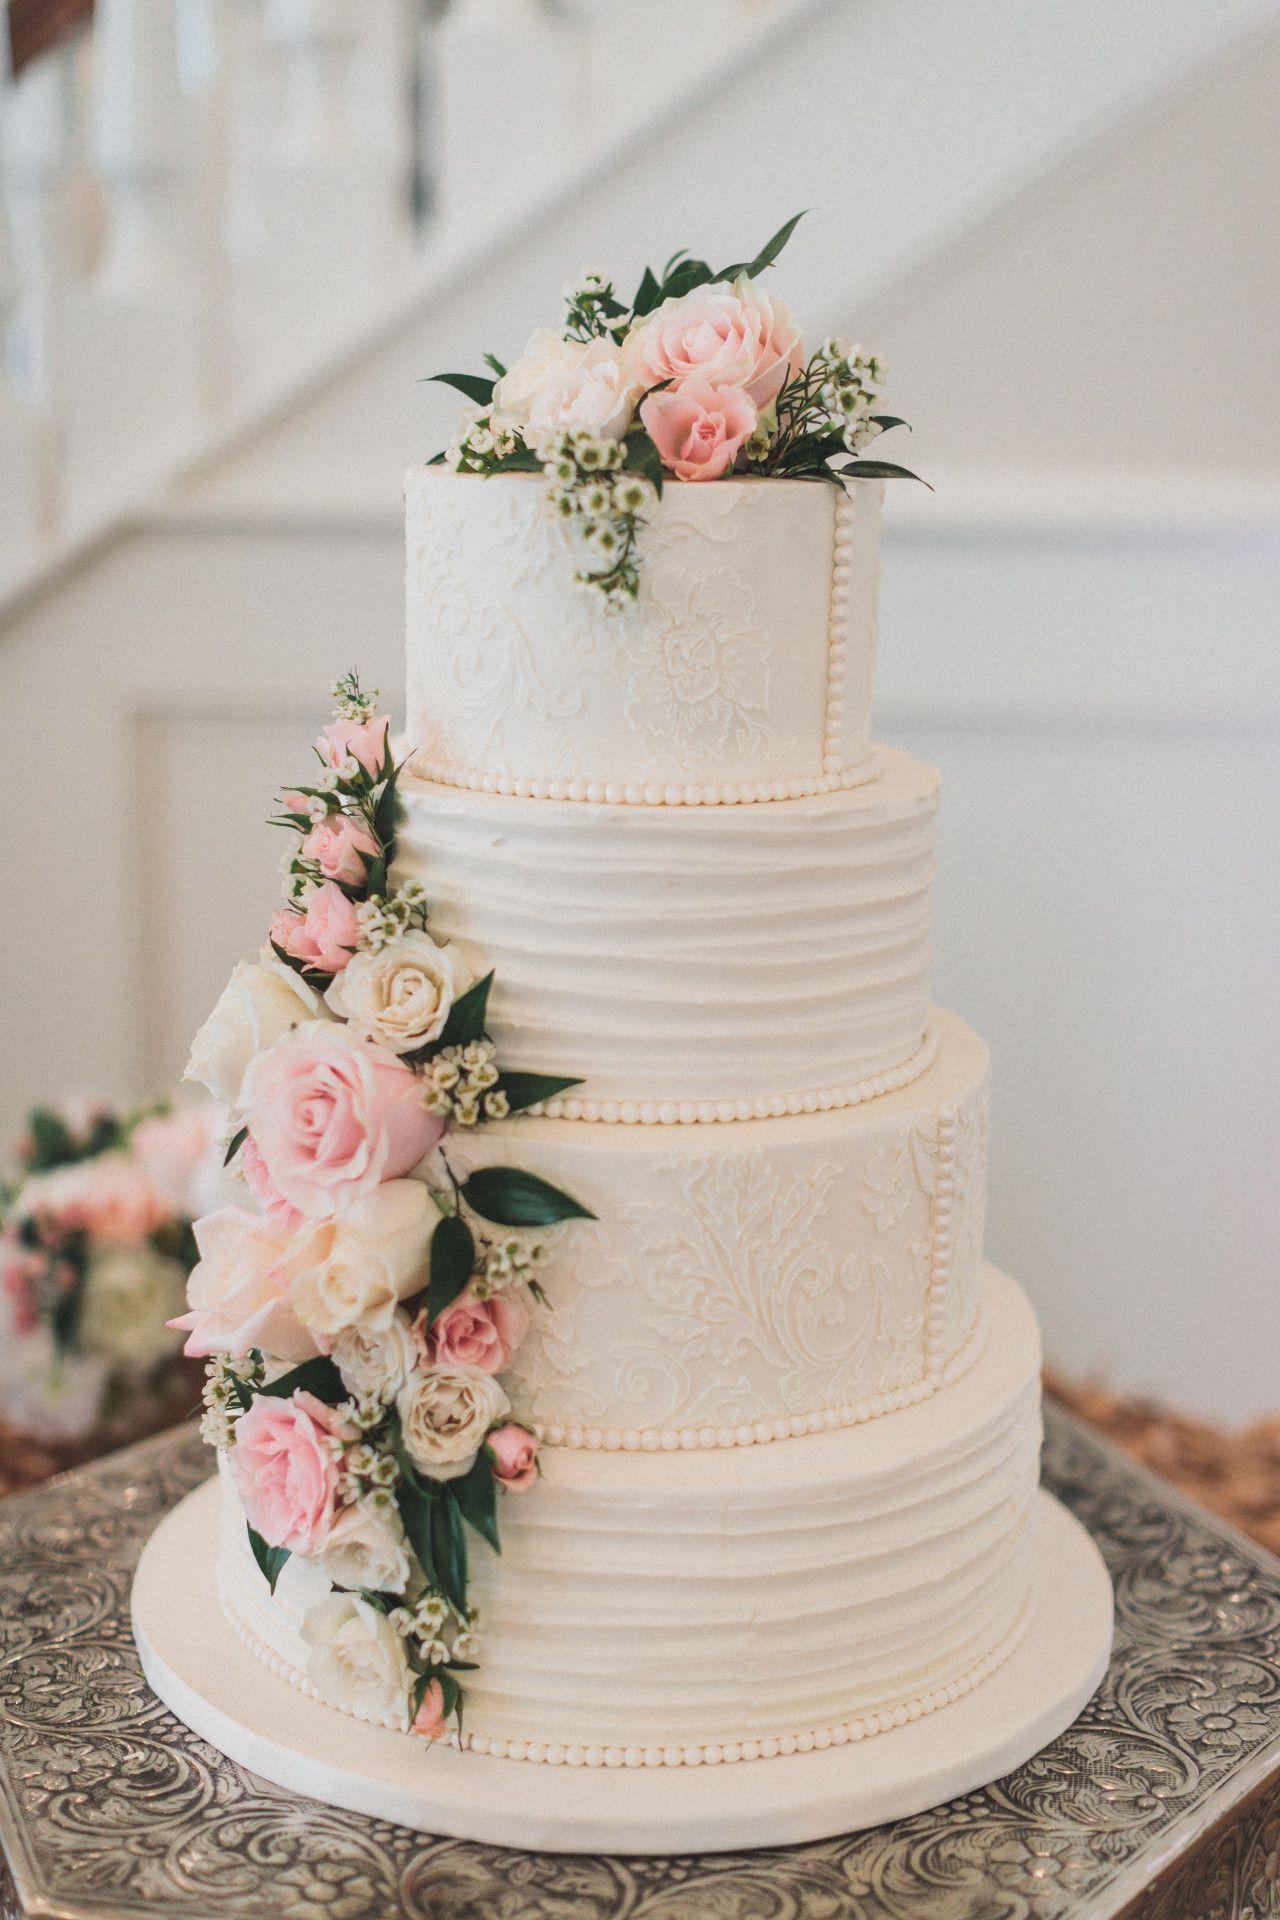 Elegant Wedding Cake Lace Pearl Wedding Cake Blush Pink Wedding Cake Four Layer White Rou Wedding Cake Pearls Pink Wedding Cake Round Wedding Cakes